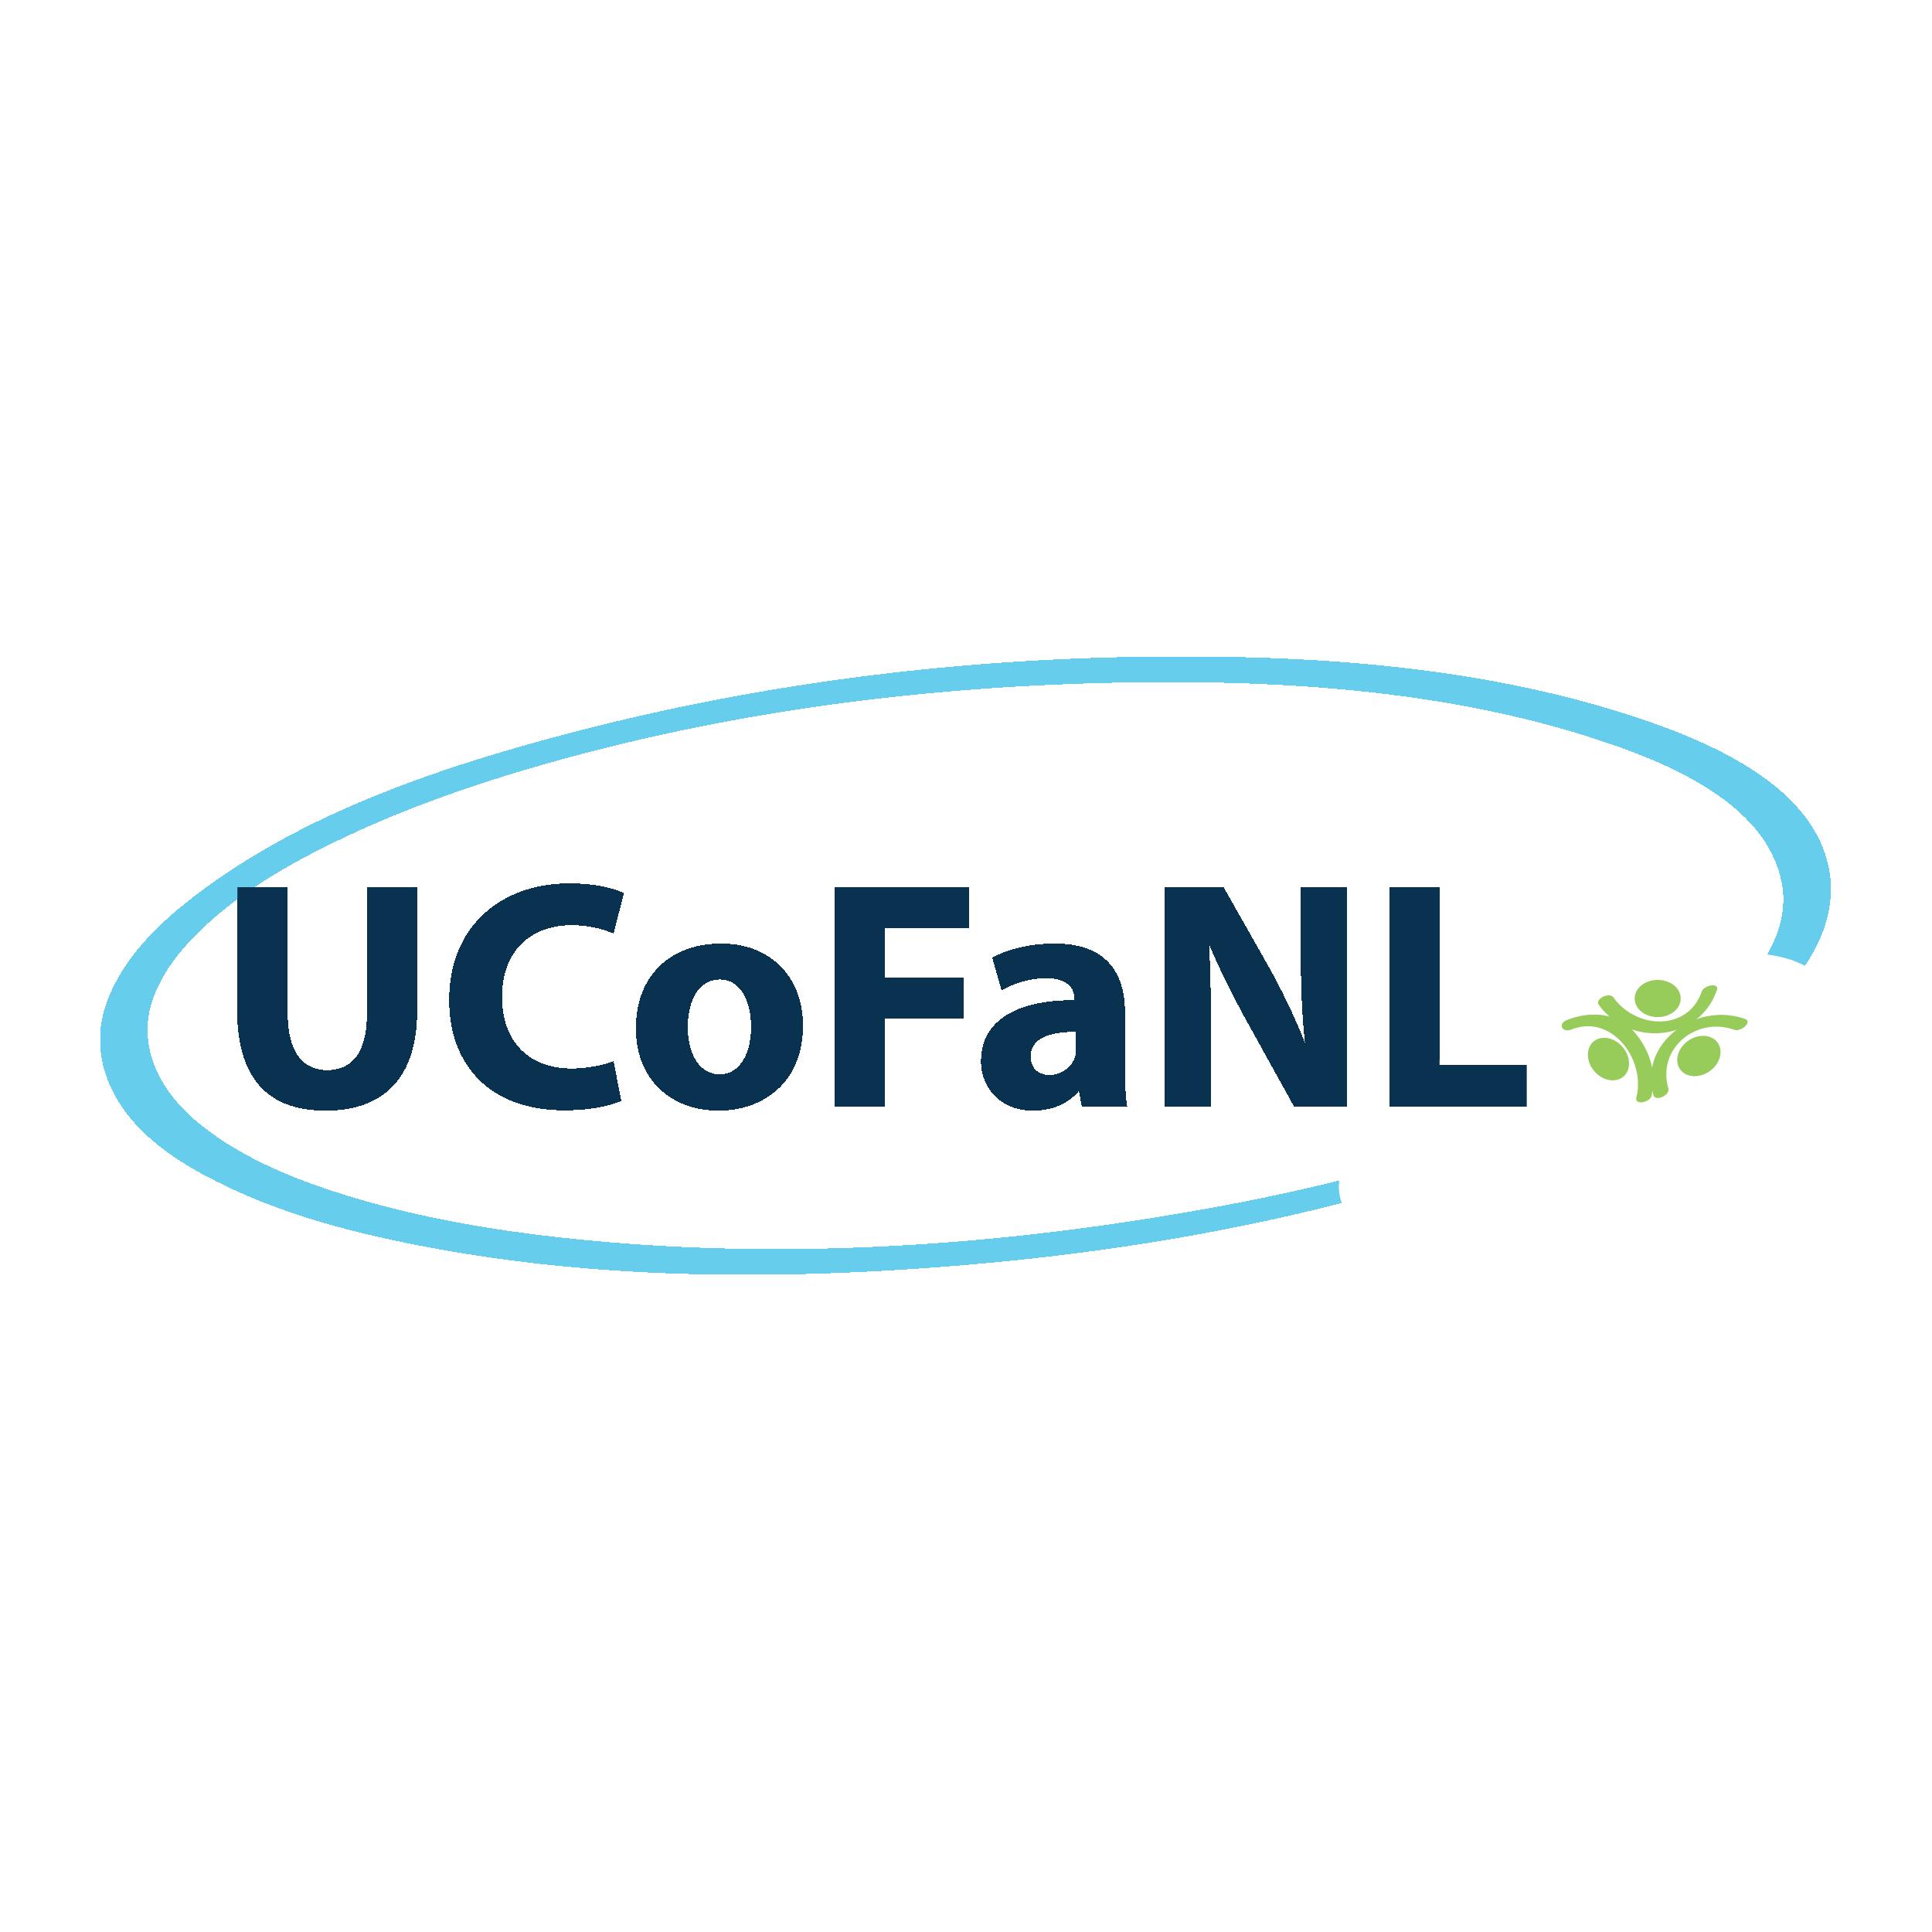 ucofanl logotipo